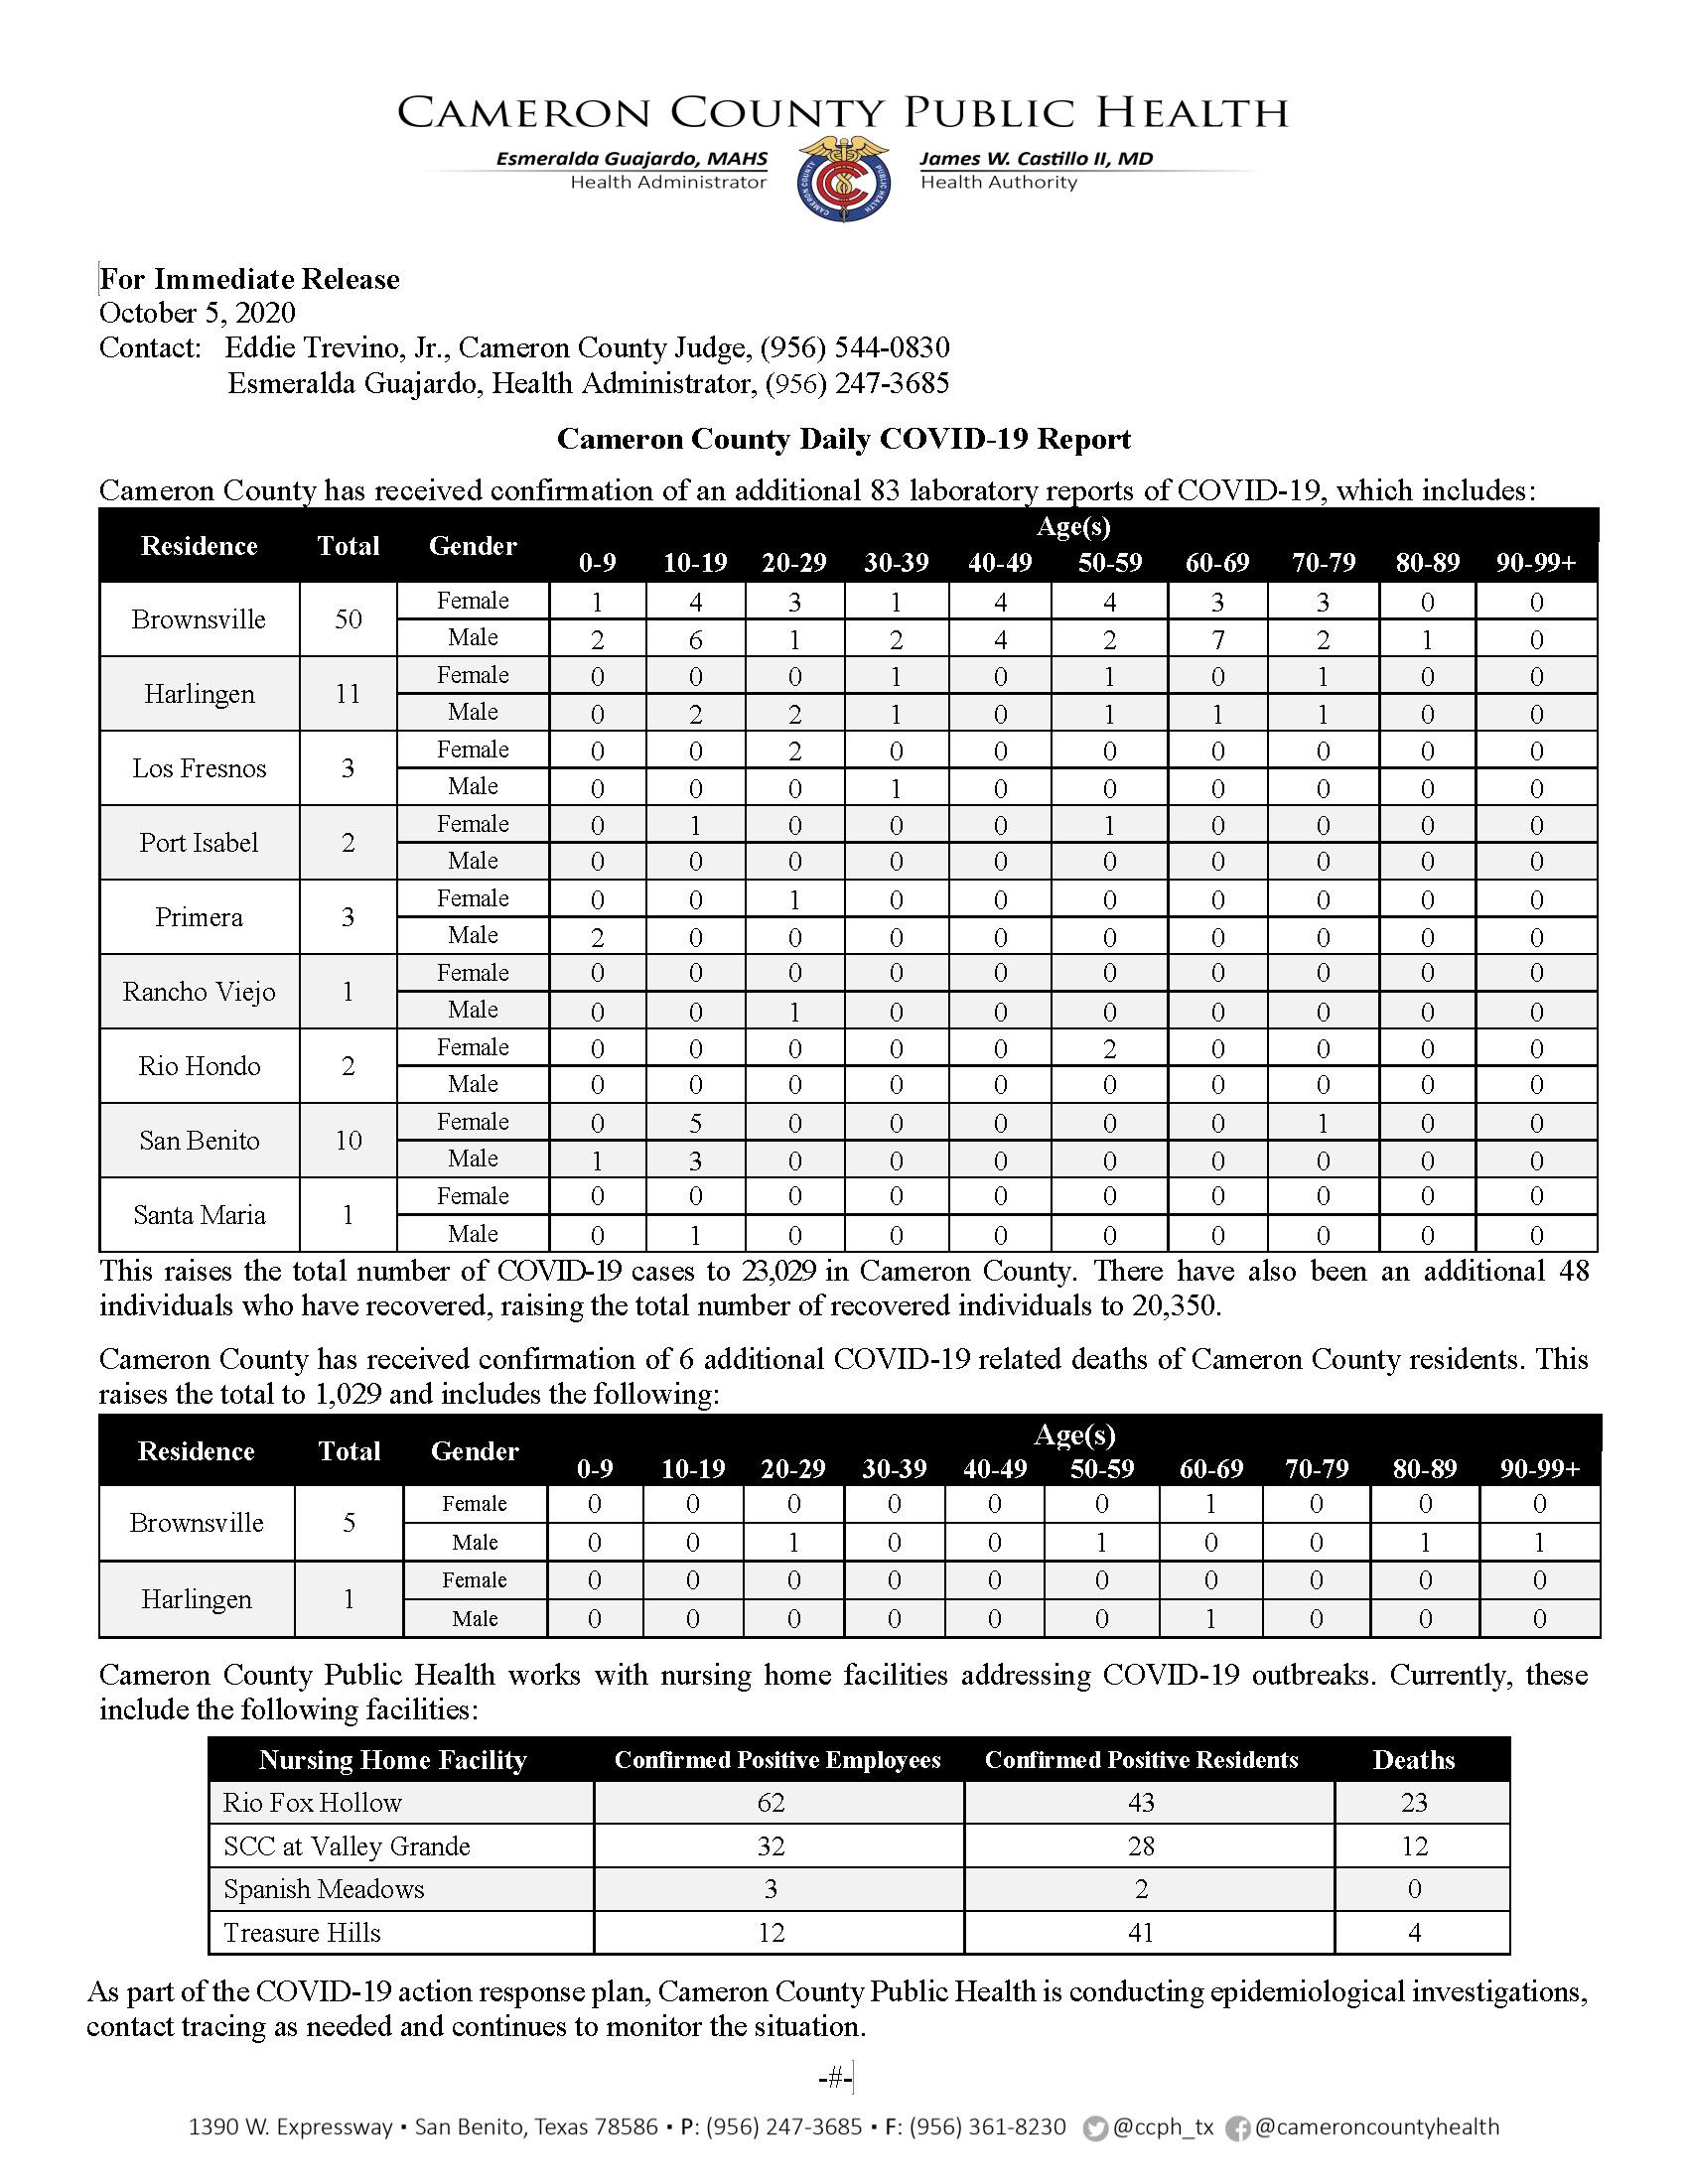 COVID 19 Press Release 165 10.05.2020 23029 Cases